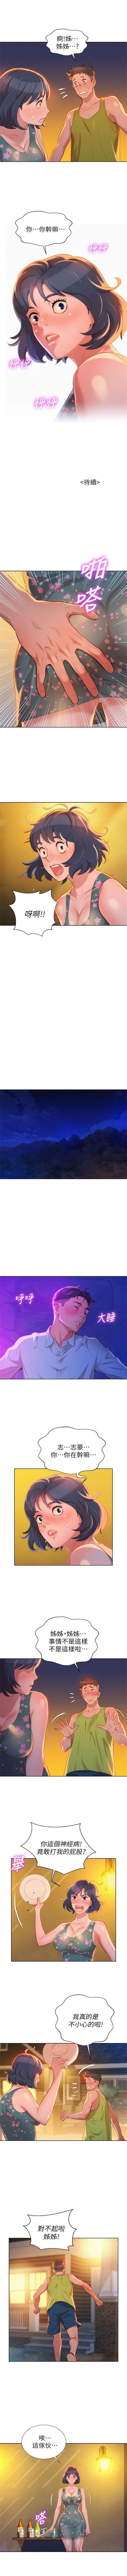 (周7)漂亮干姐姐  1-81 中文翻译 (更新中) 71